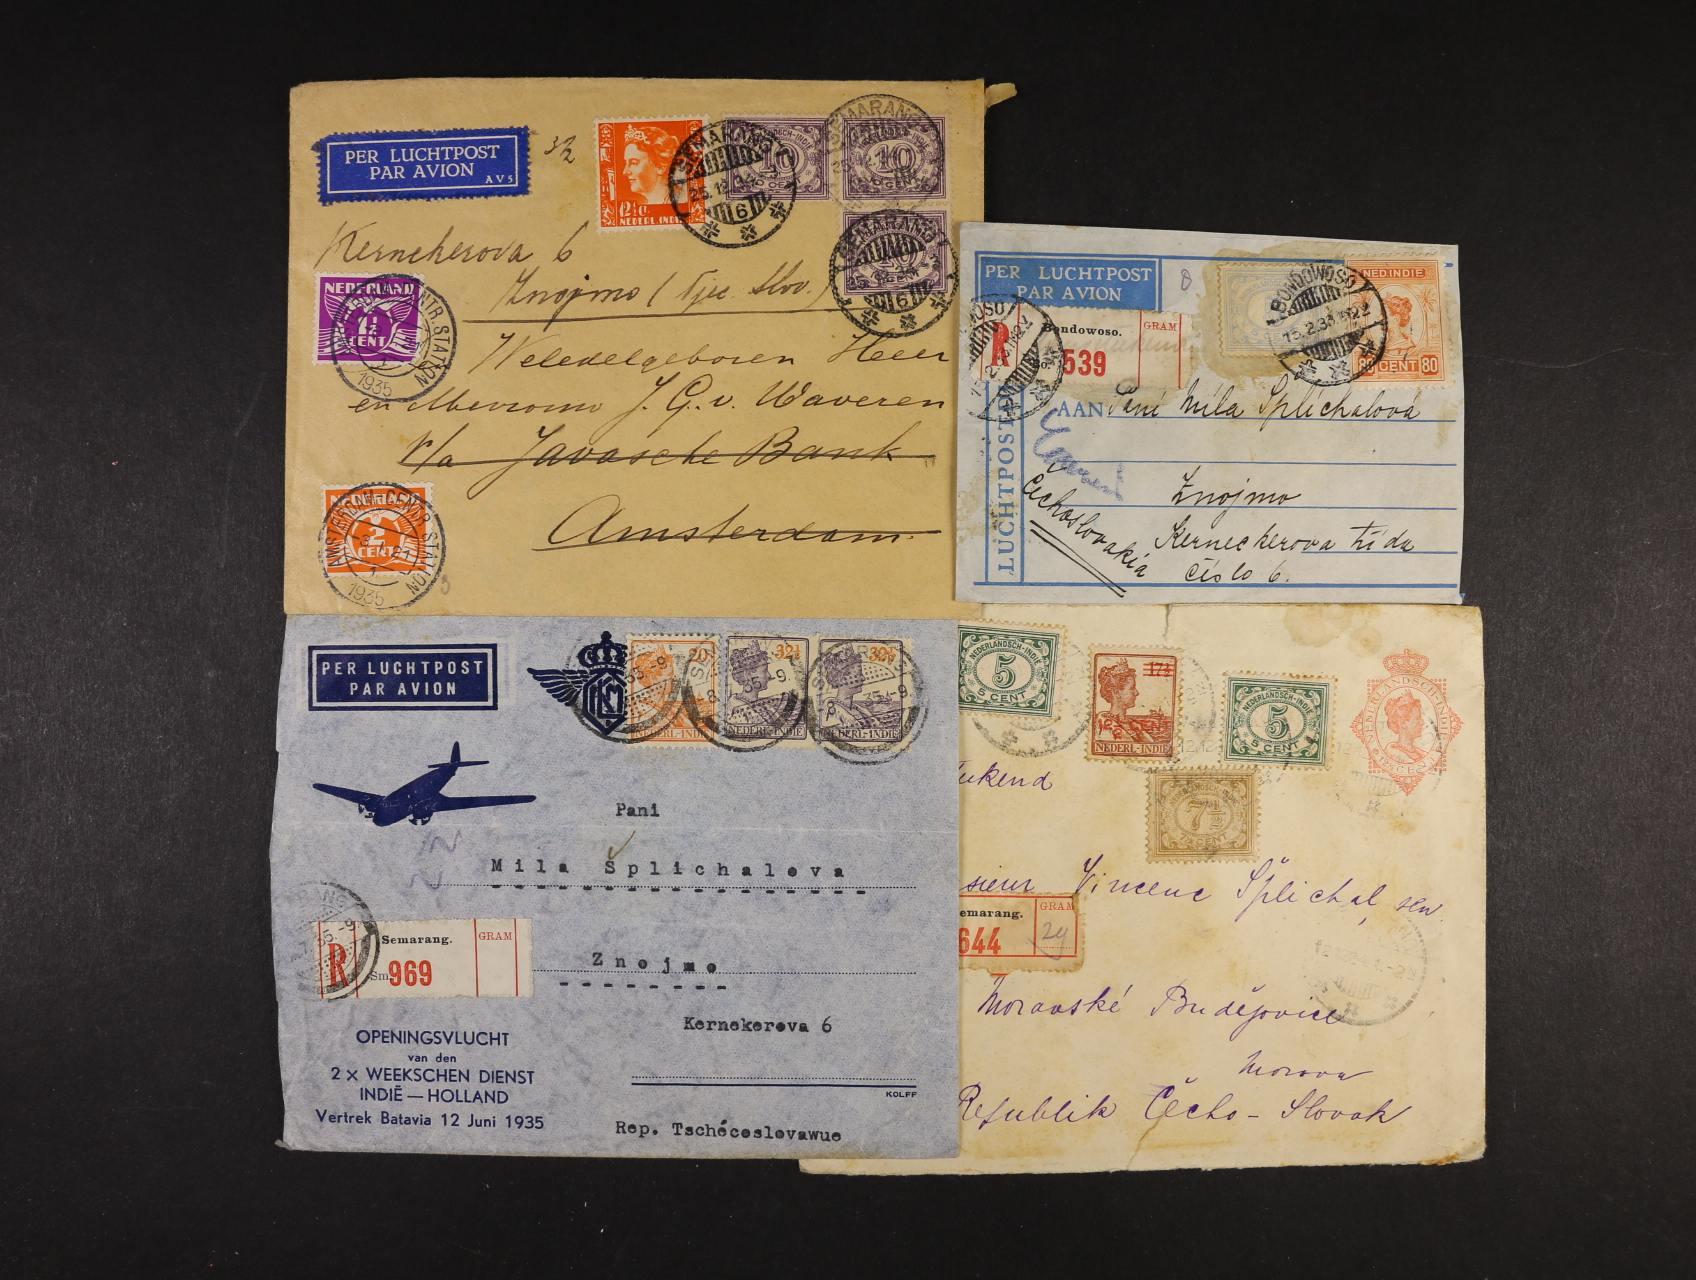 Holandská Indie - sestava 3 ks let. celistvostí do Evropy z let 1884 - 1935, pestré zajímavé frankatury